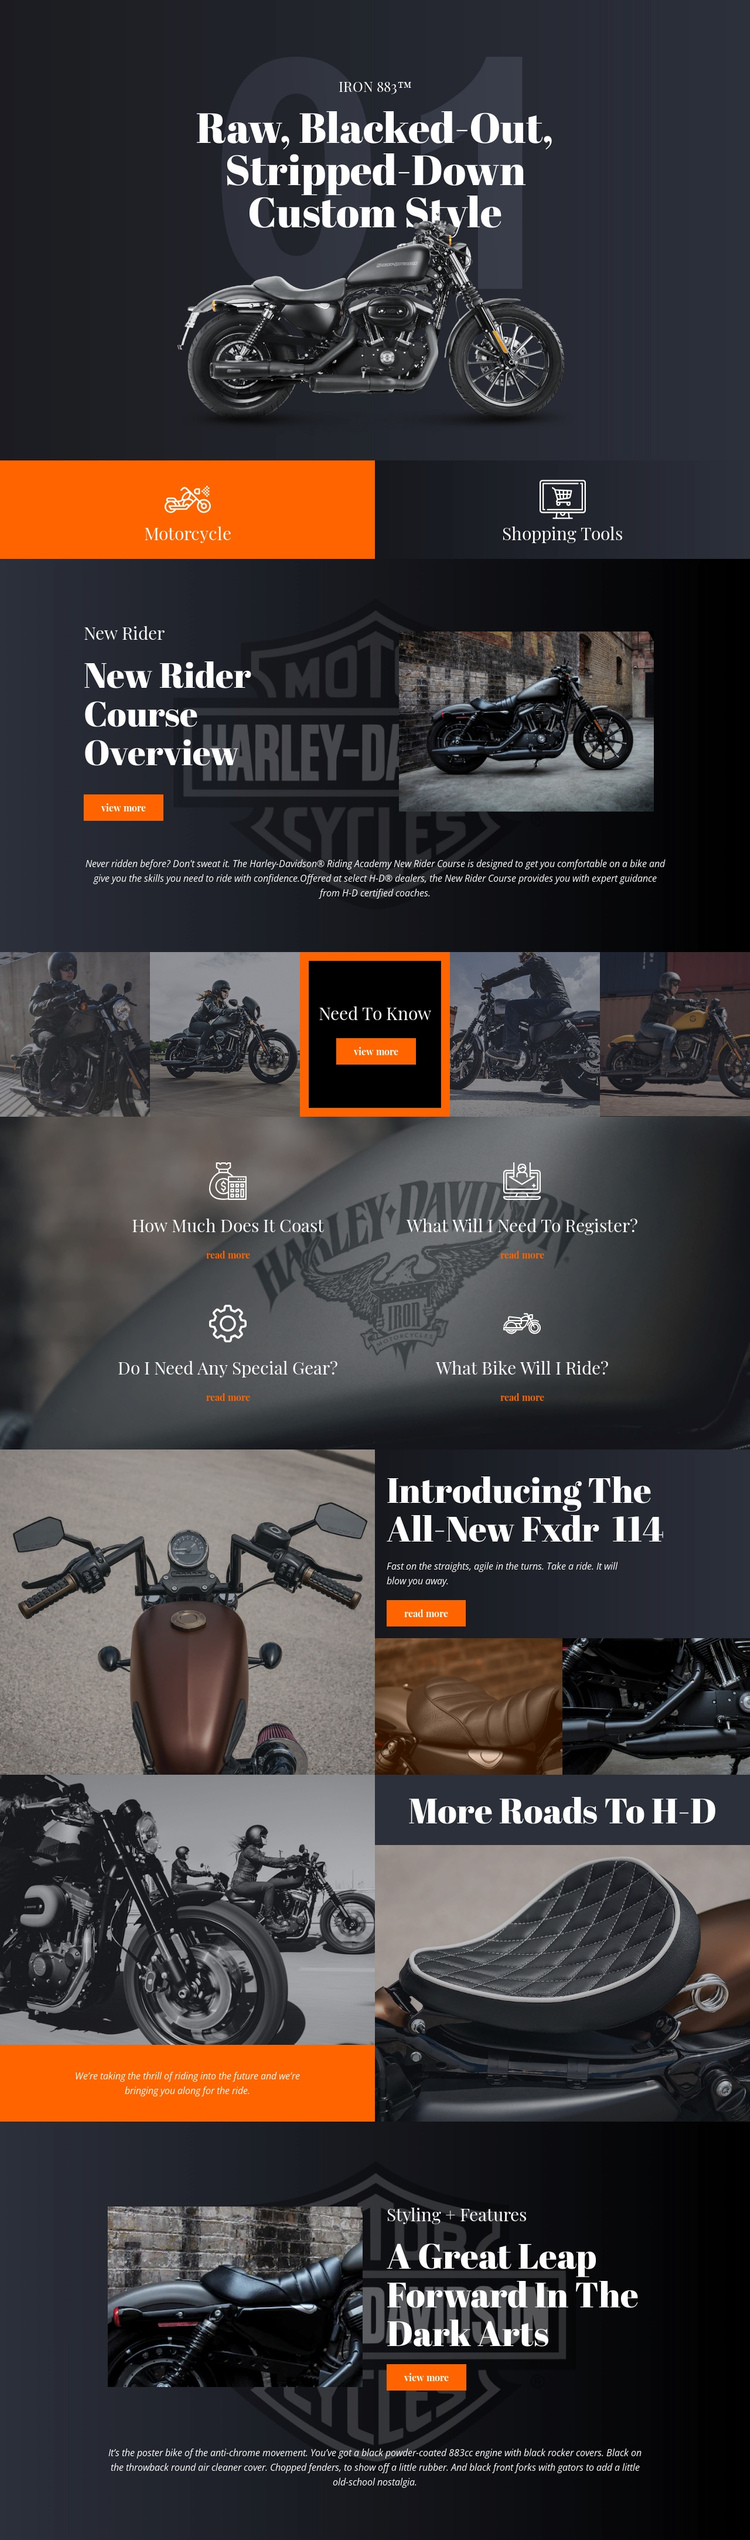 Harley Davidson Website Builder Software